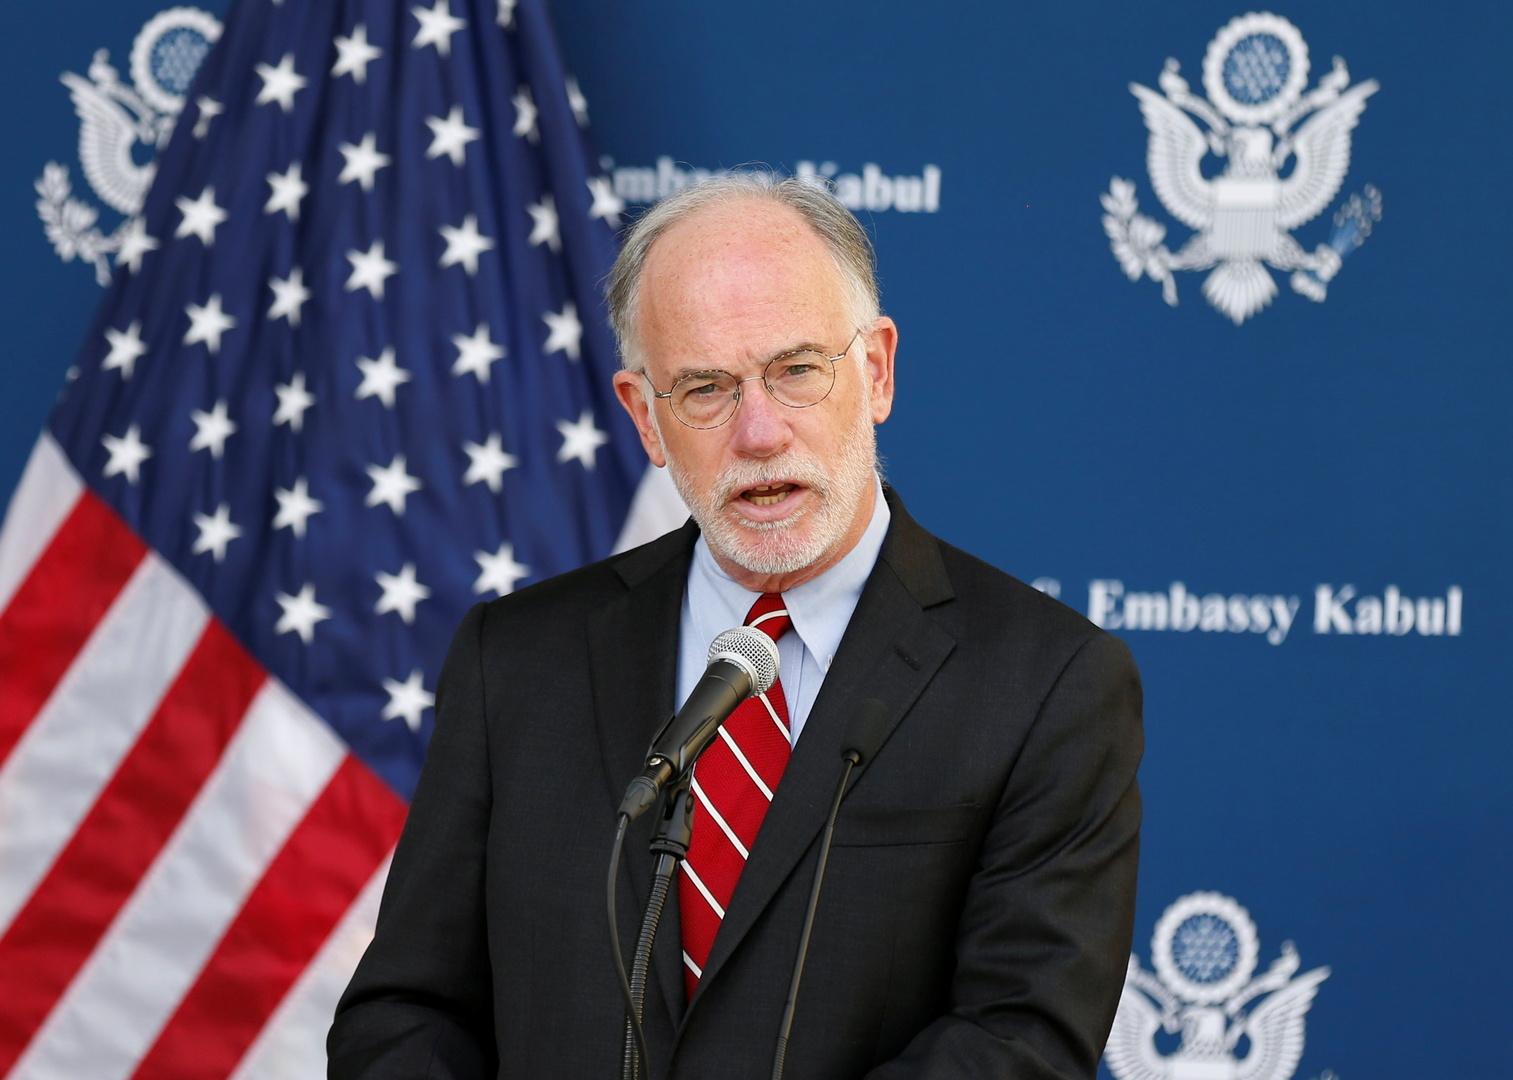 السفير الأمريكي في أفغانستان ينفي فراره من كابل